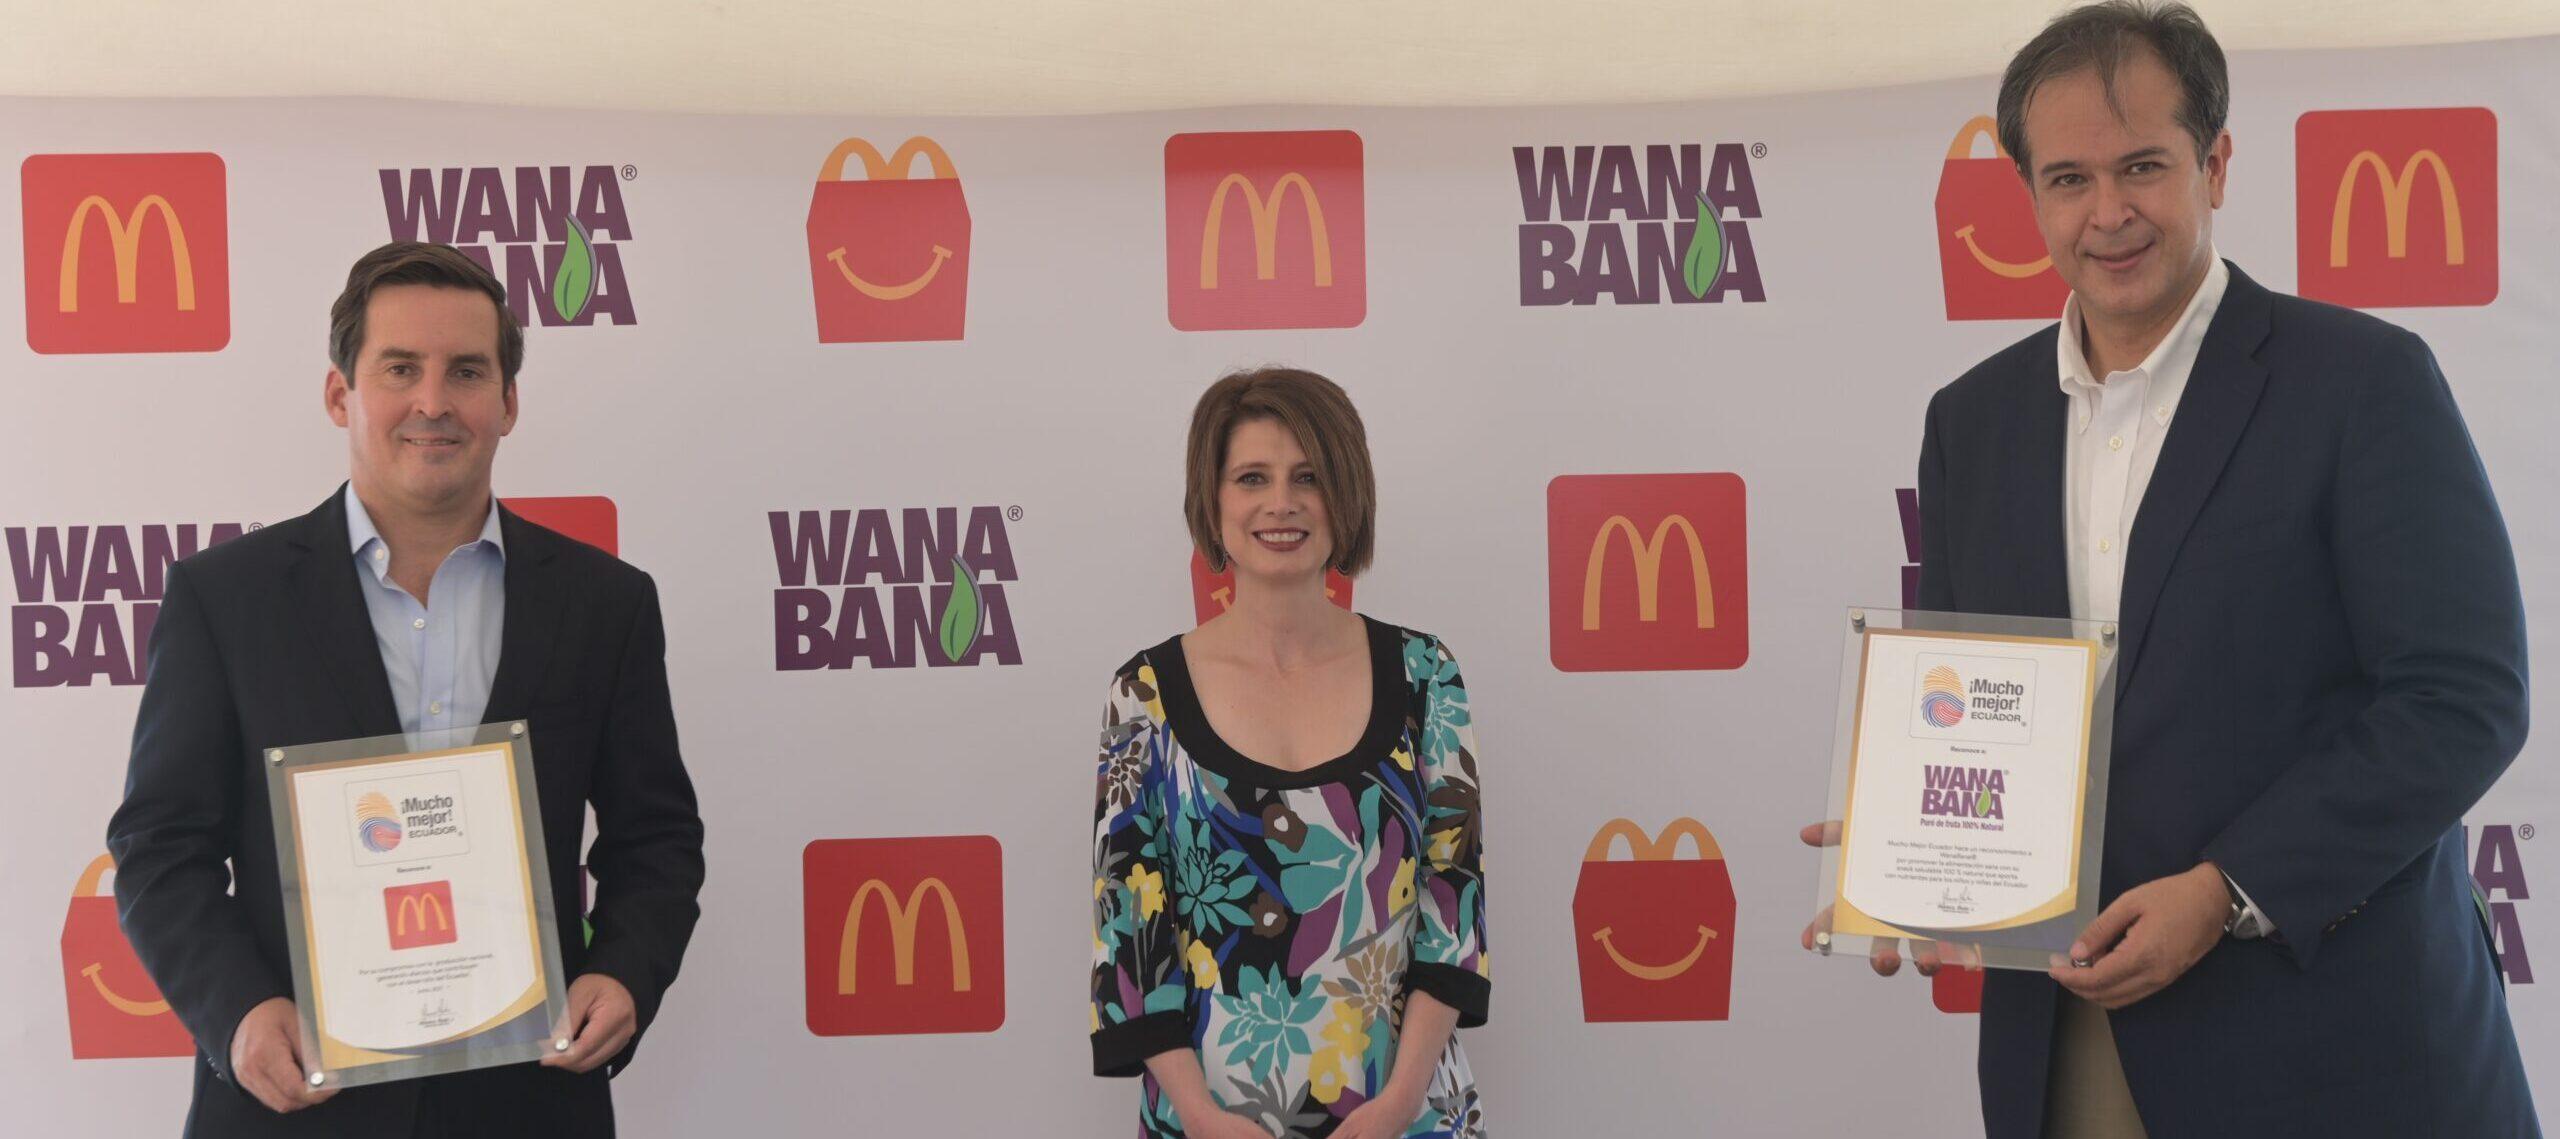 [Ecuador] McDonald's incluye a WanaBana en su Cajita Feliz, un snack saludable producido en Ecuador